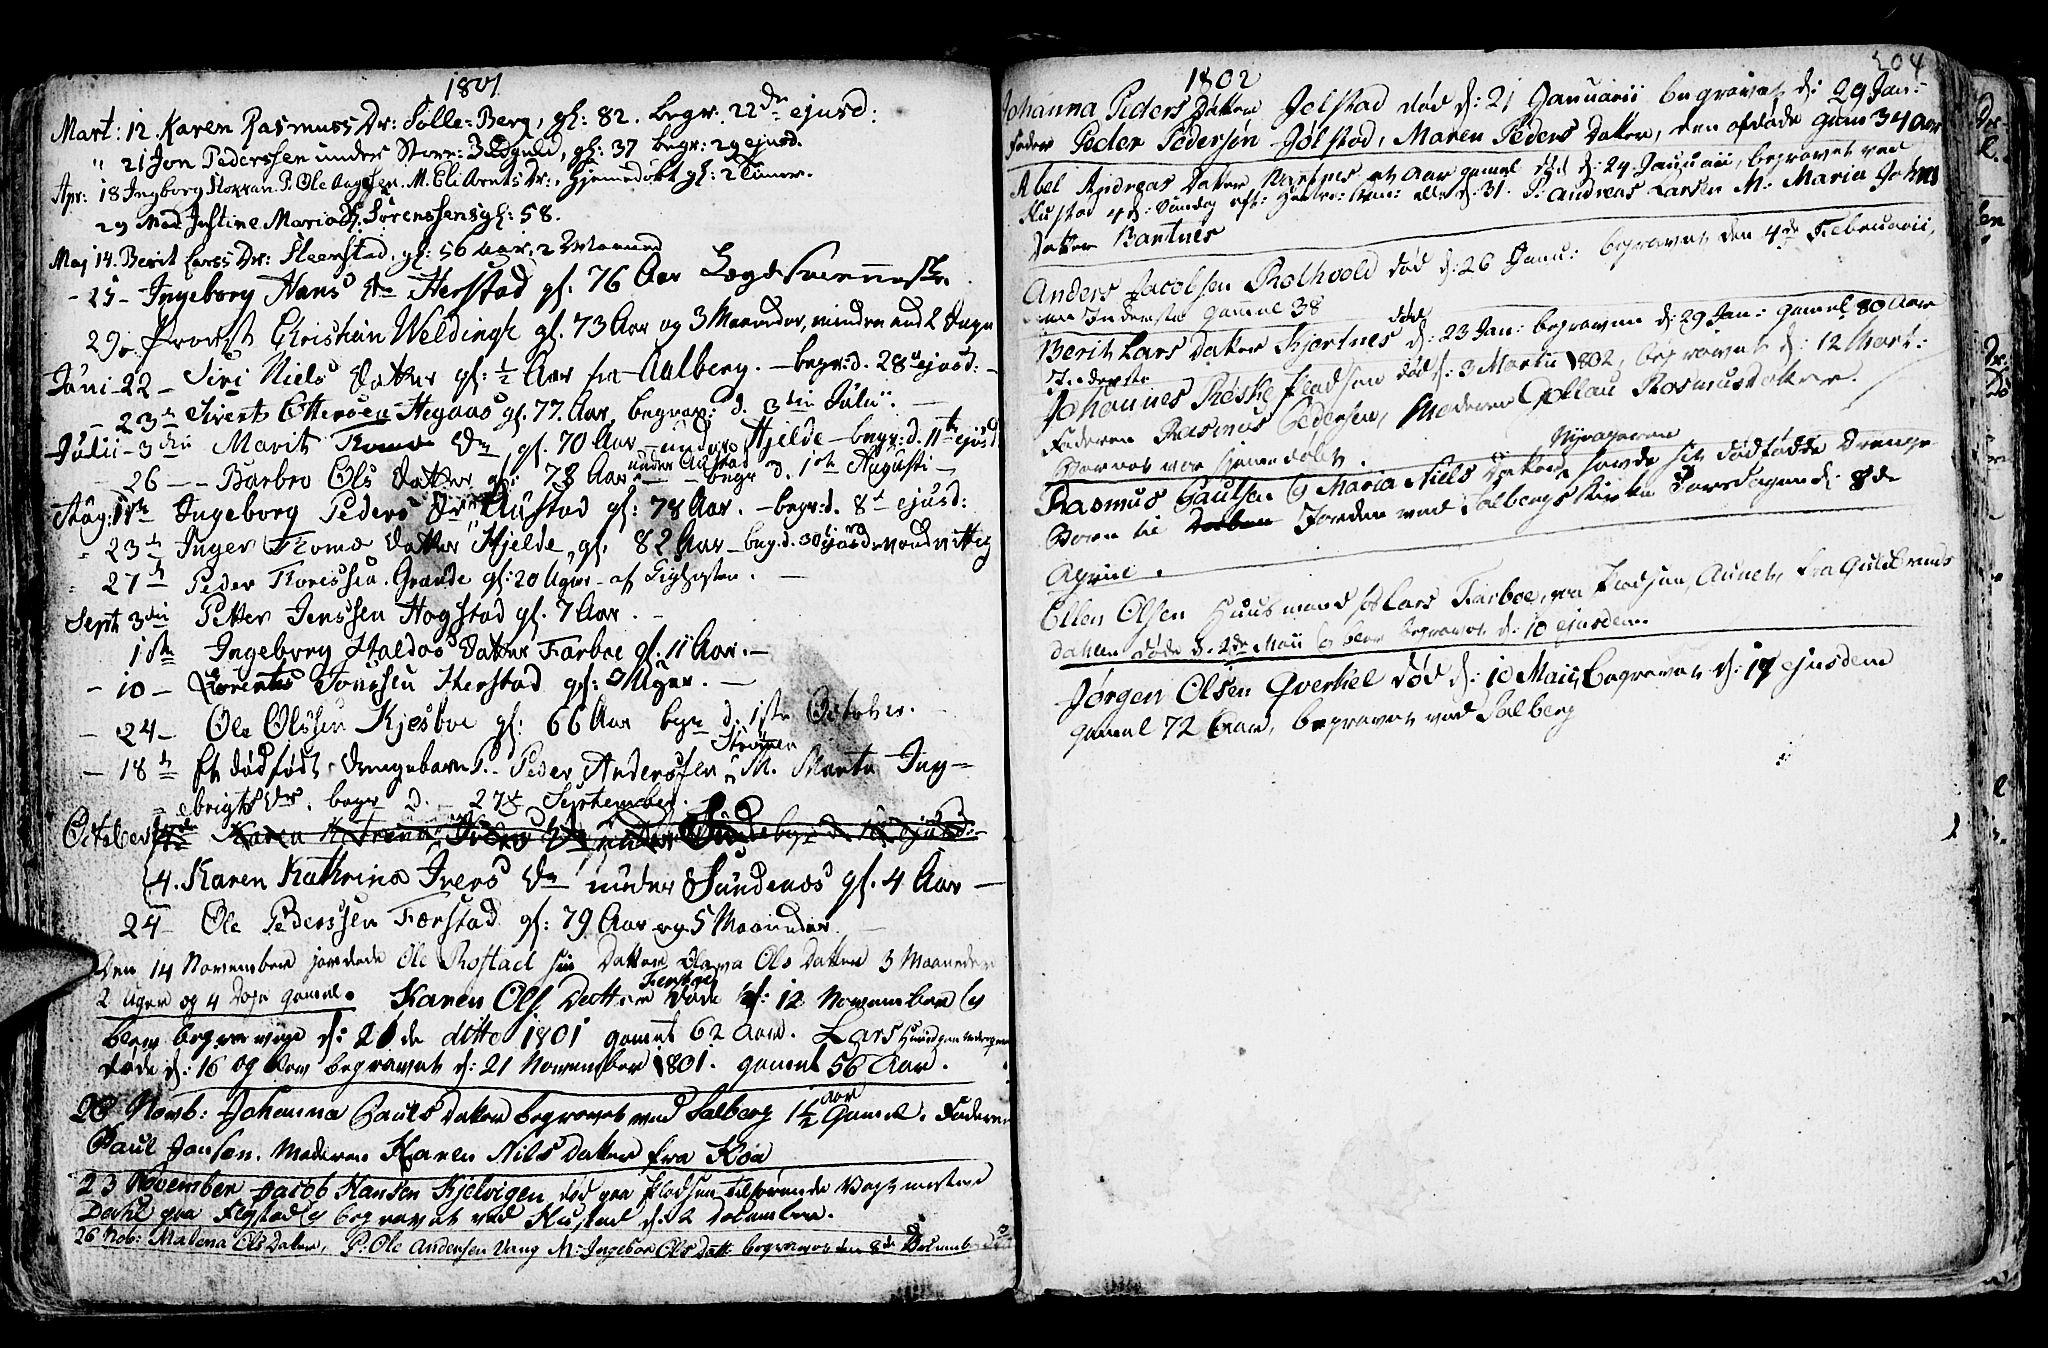 SAT, Ministerialprotokoller, klokkerbøker og fødselsregistre - Nord-Trøndelag, 730/L0273: Ministerialbok nr. 730A02, 1762-1802, s. 204